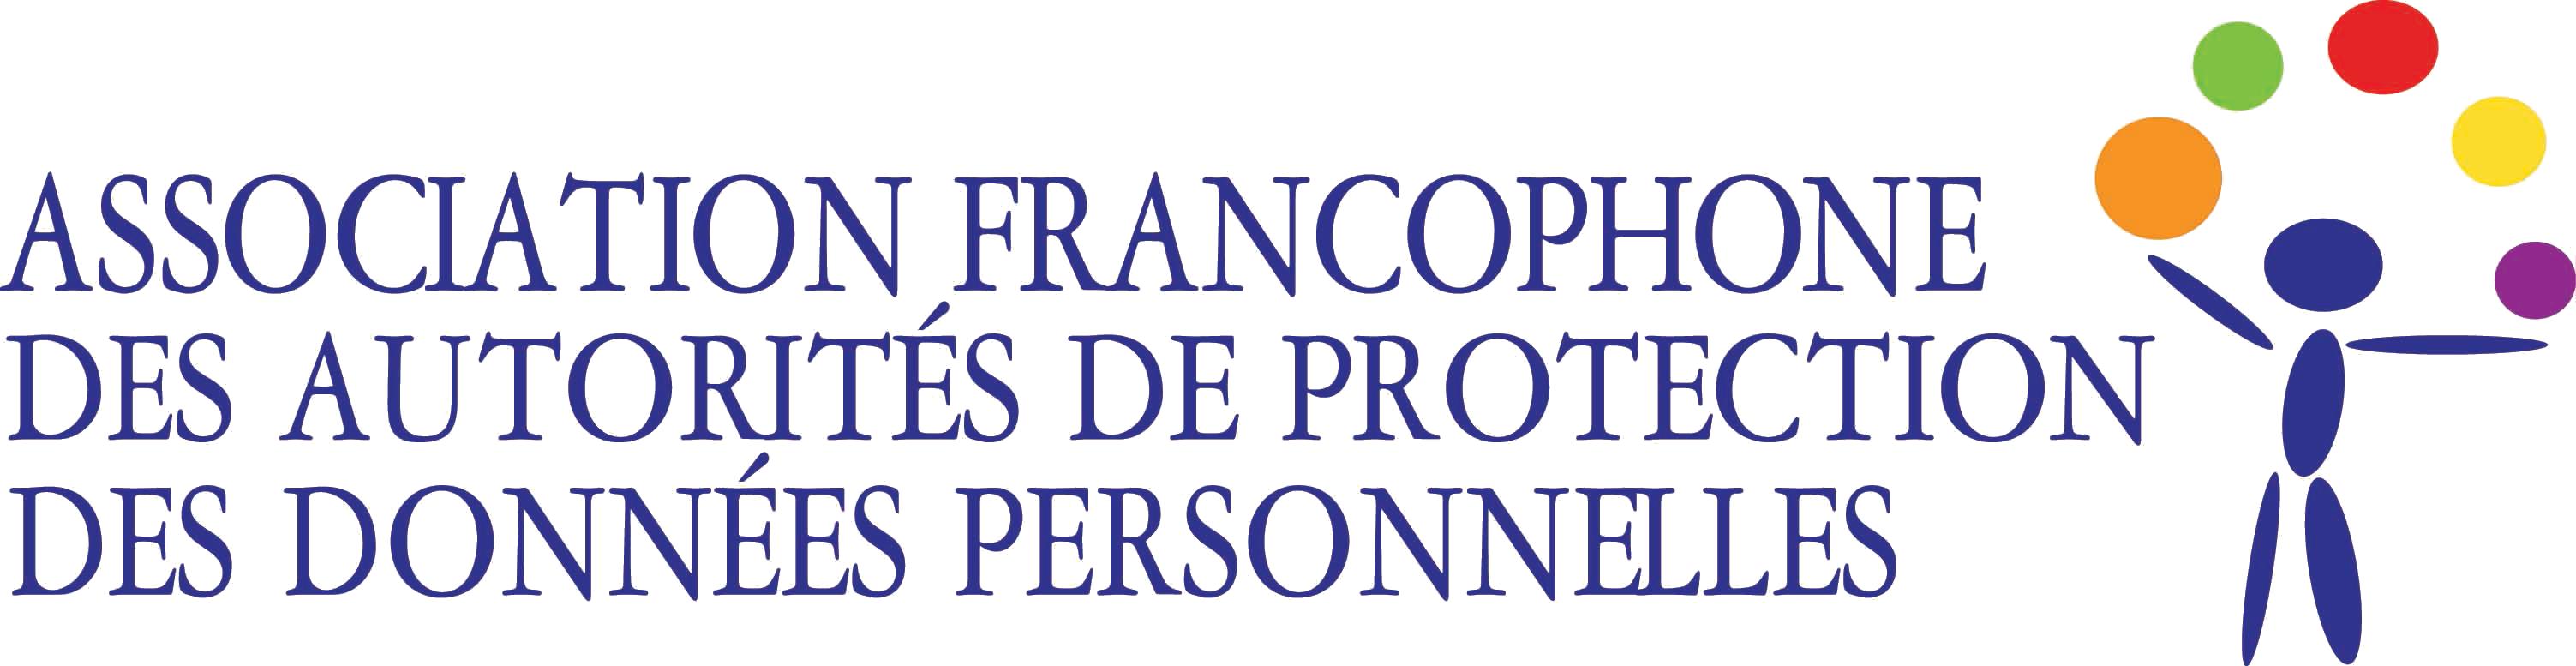 logo for Association francophone des autorités de protection des données personnelles